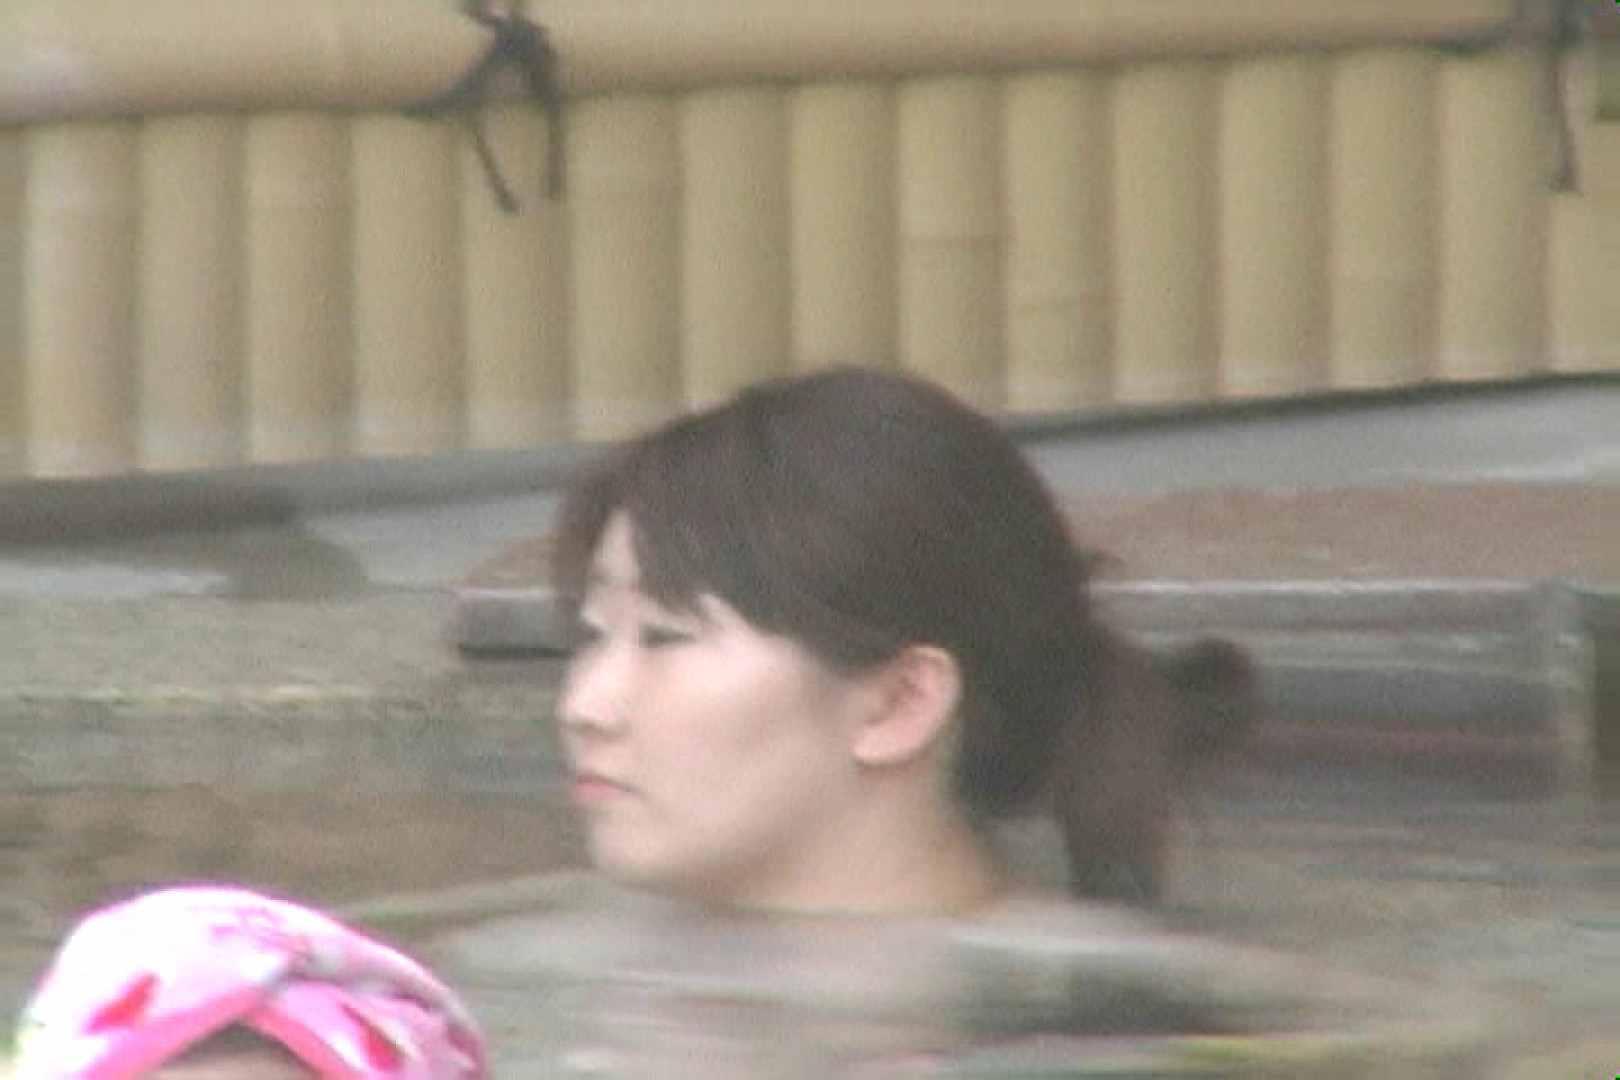 Aquaな露天風呂Vol.25 露天   盗撮特集  106画像 74